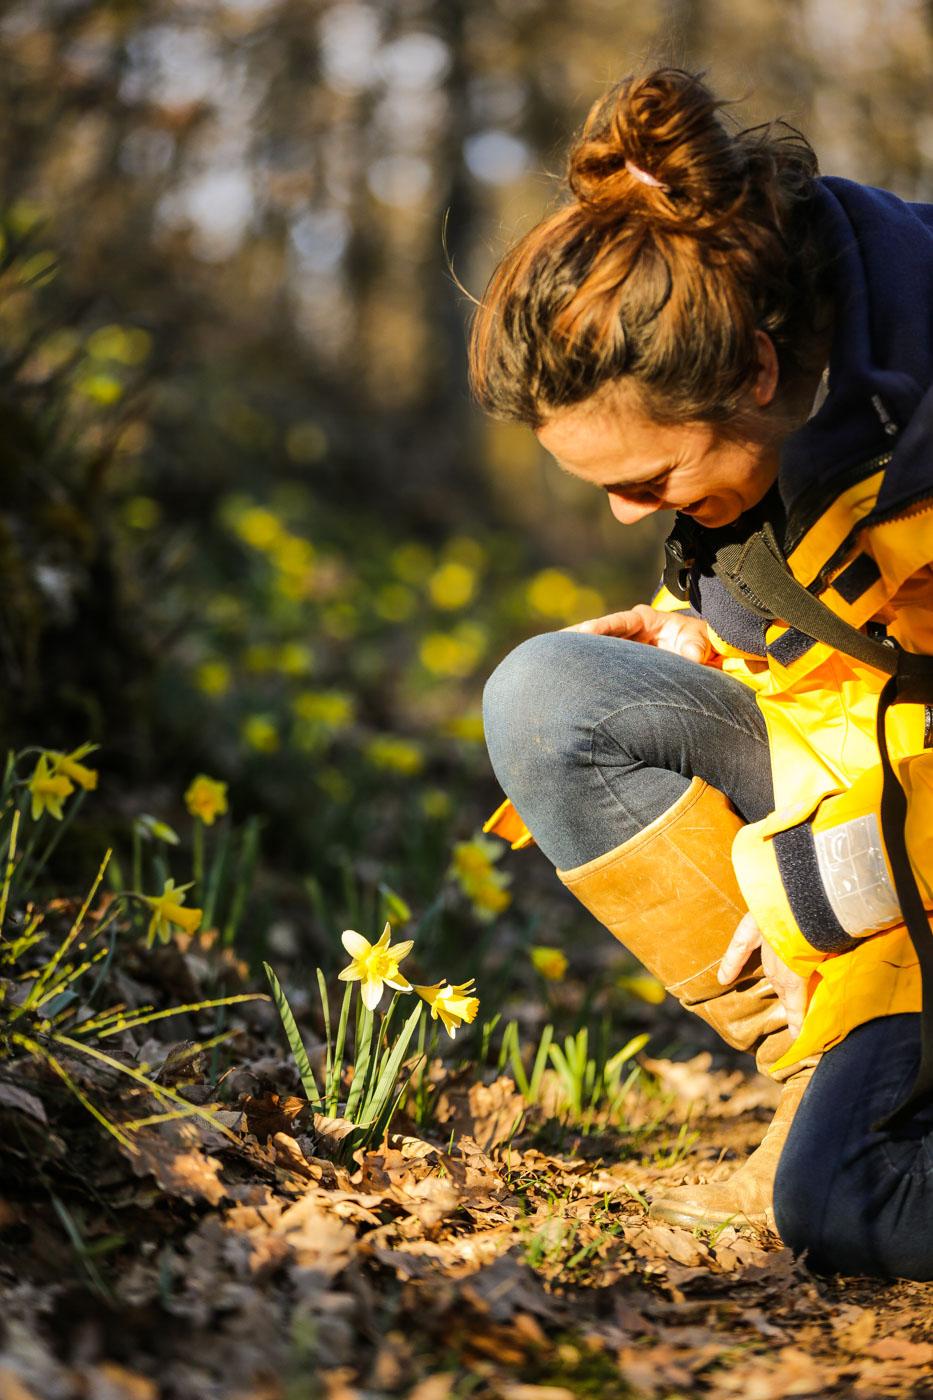 diariesof-daffodils-forest-lellingen-luxembourg-9816